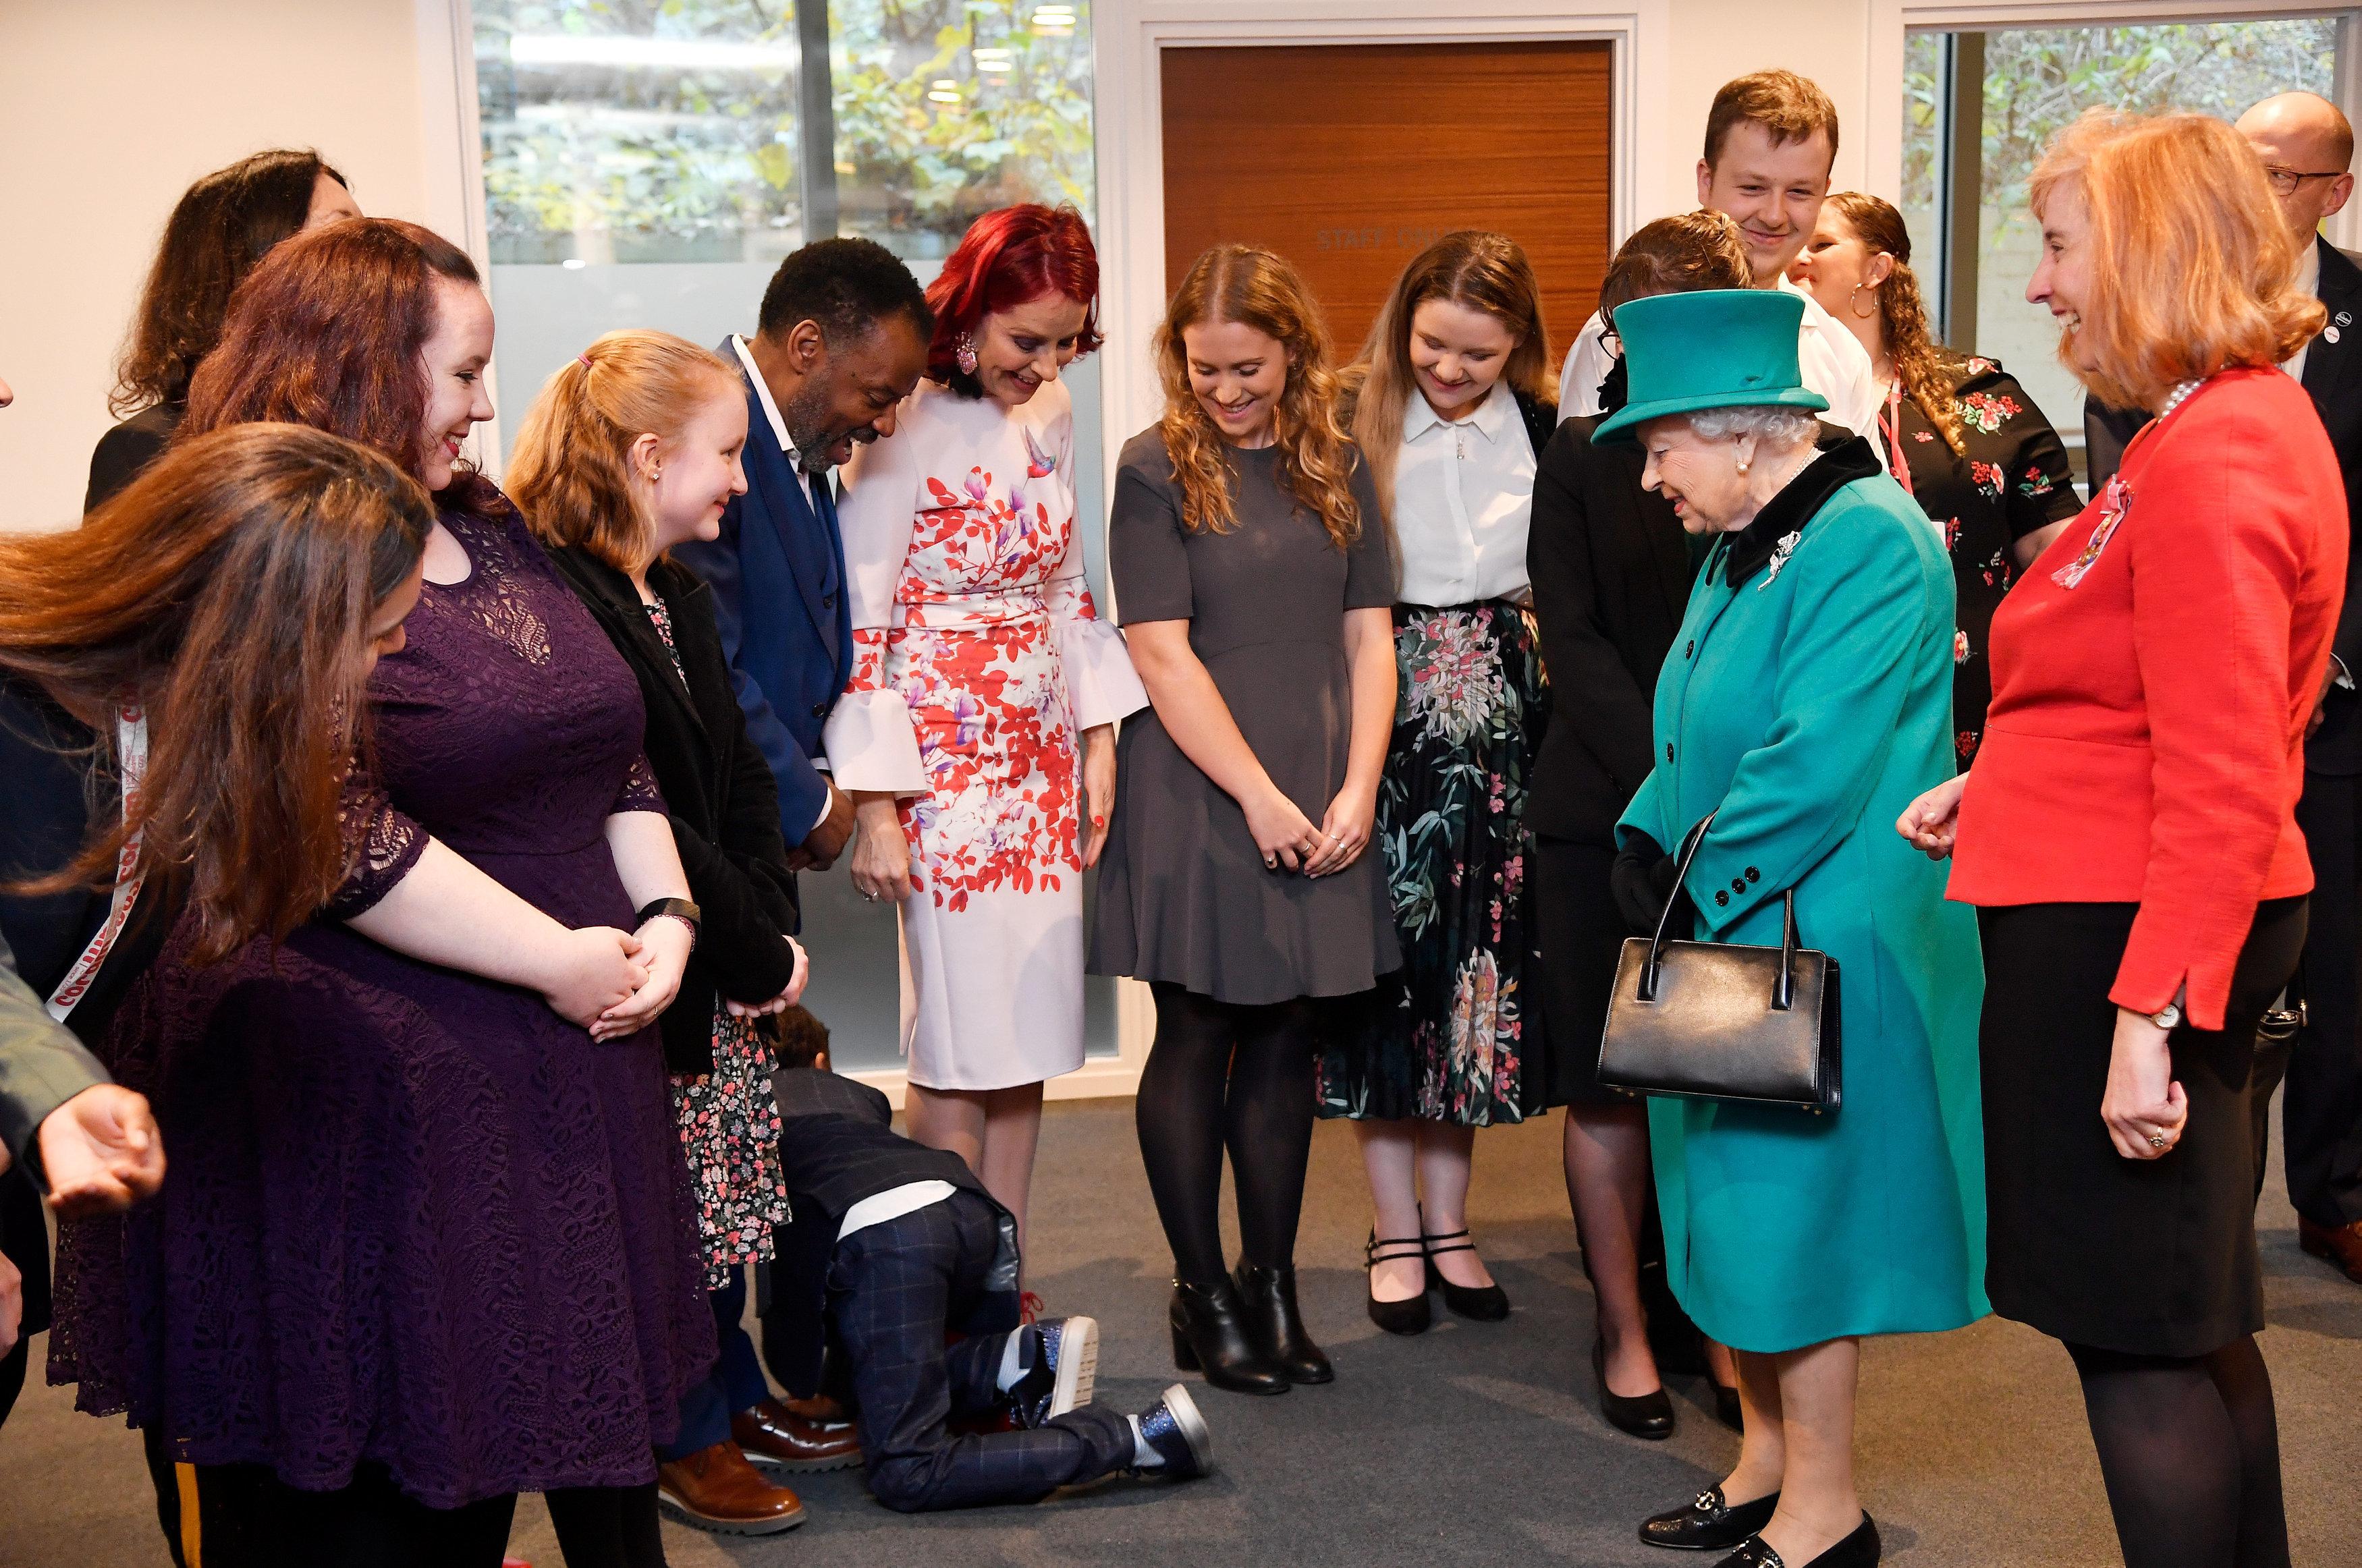 Queen Elizabeth II arrives to begin the Queen Elizabeth II Centre at Coram on December 05, 2018 in London, England.